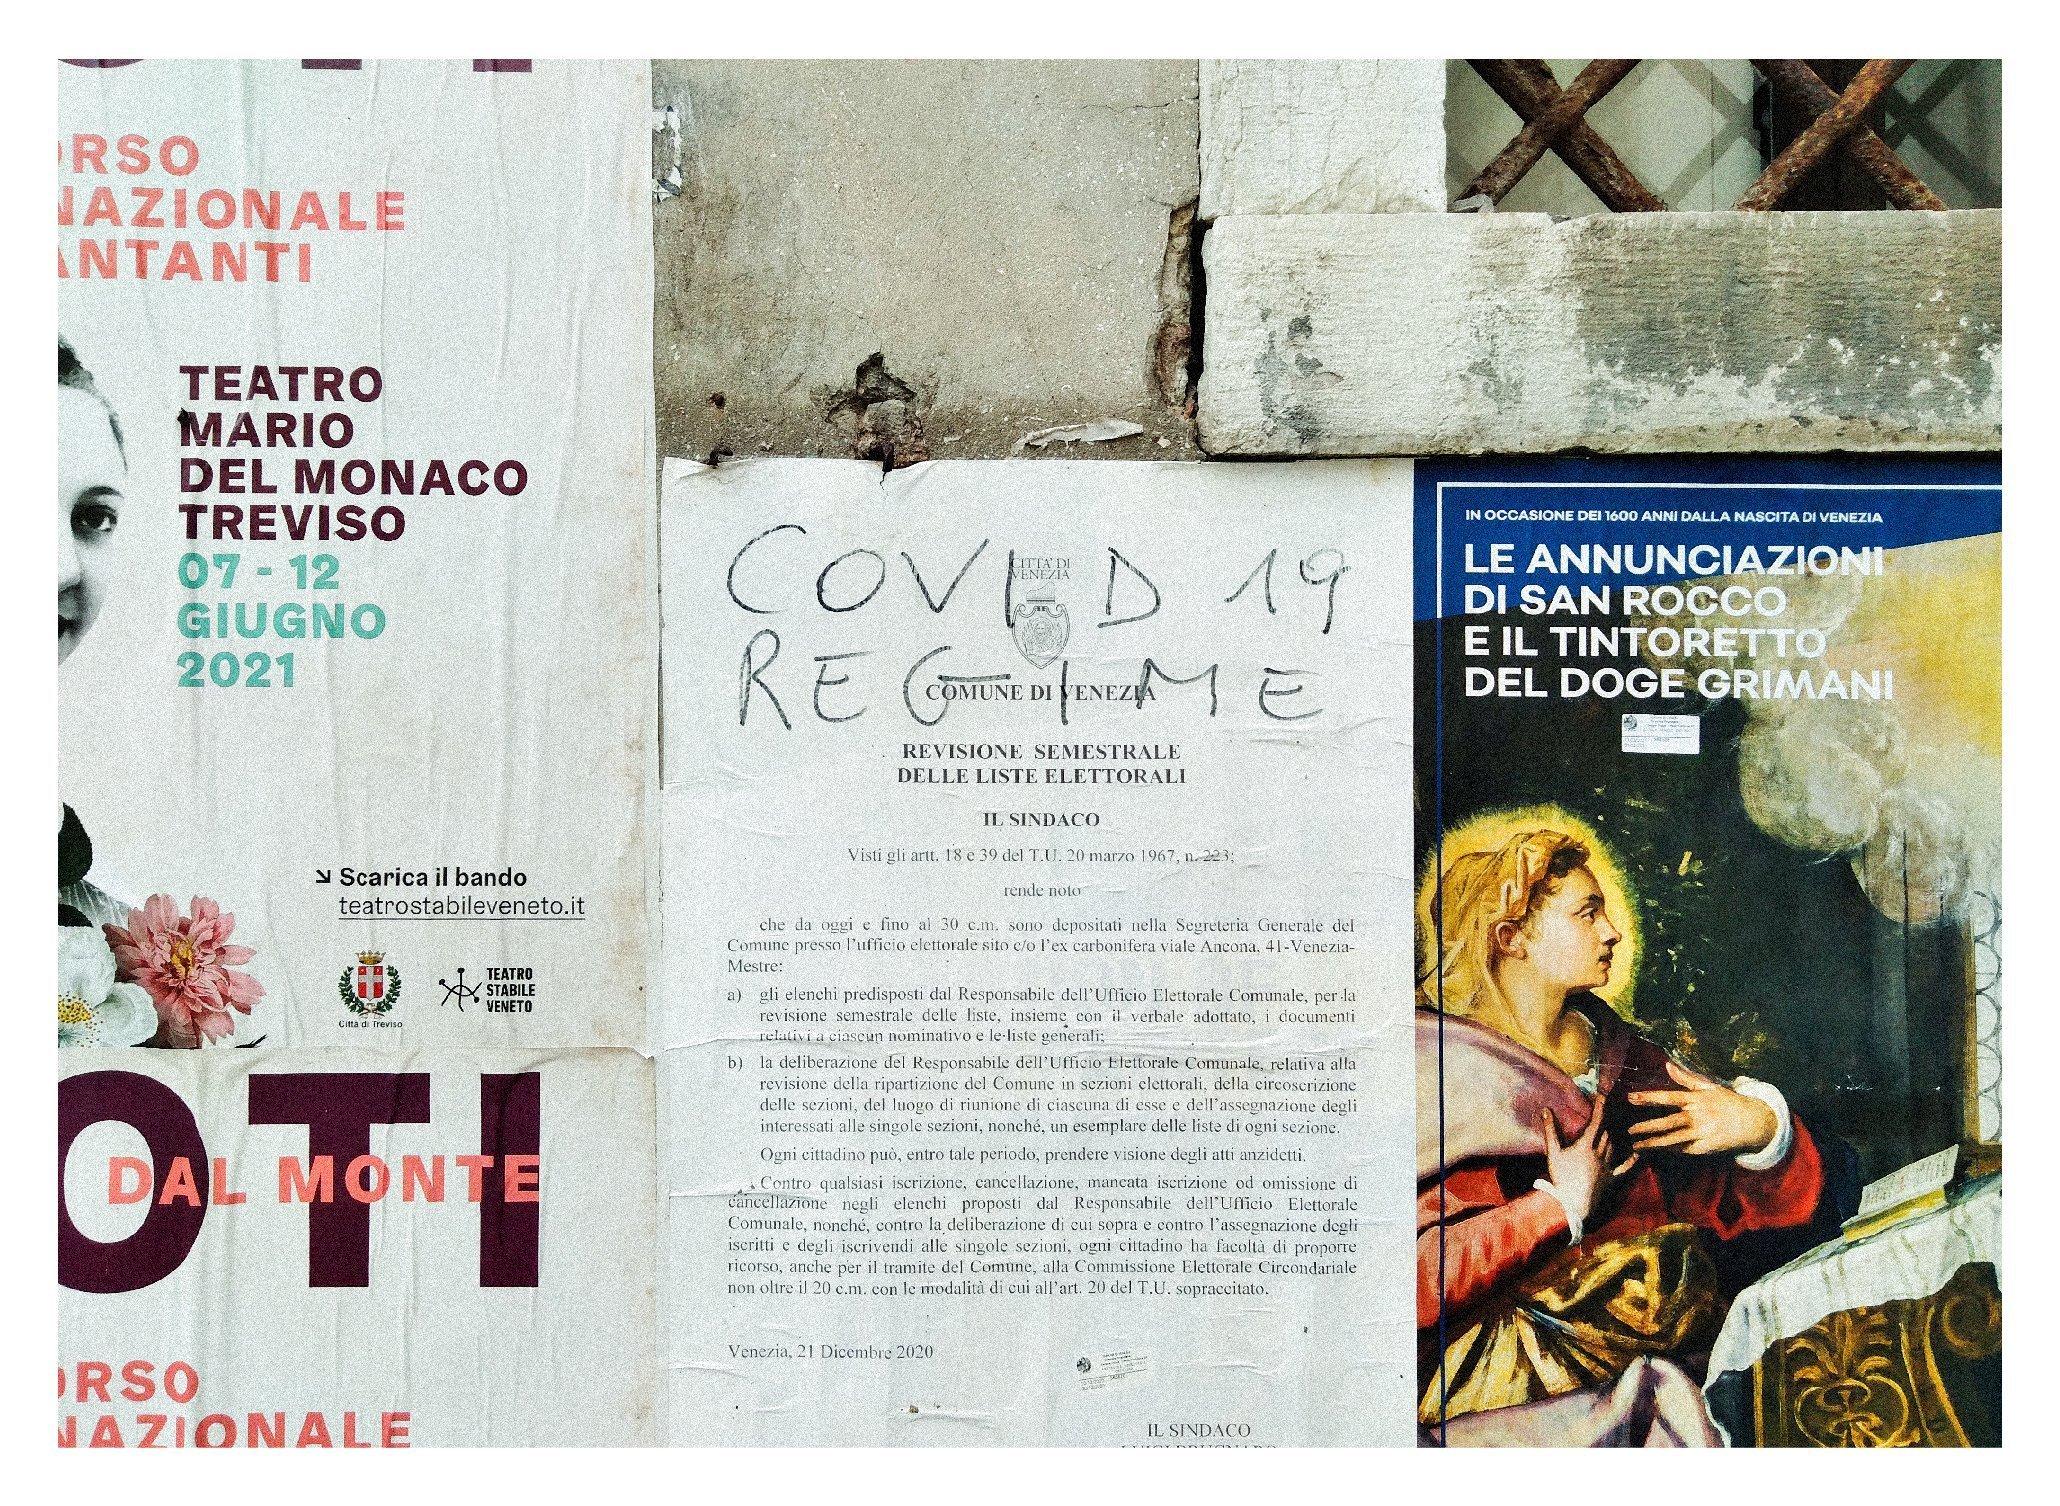 Murales su comunicato del comune di Venezia che dichiara: Covid 19 regime.